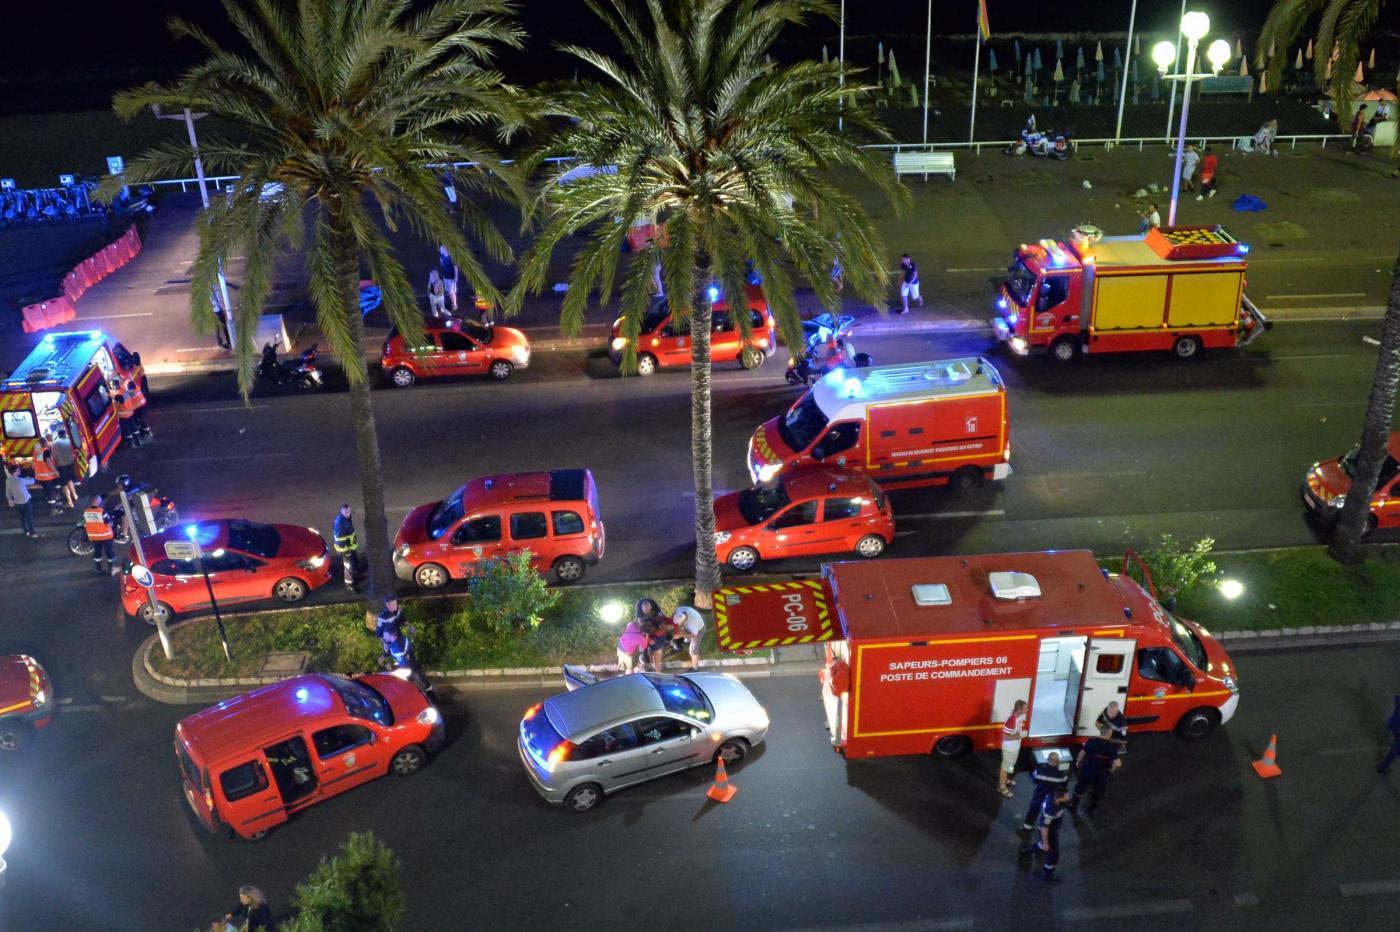 Attentati terroristici in Francia: l'elenco